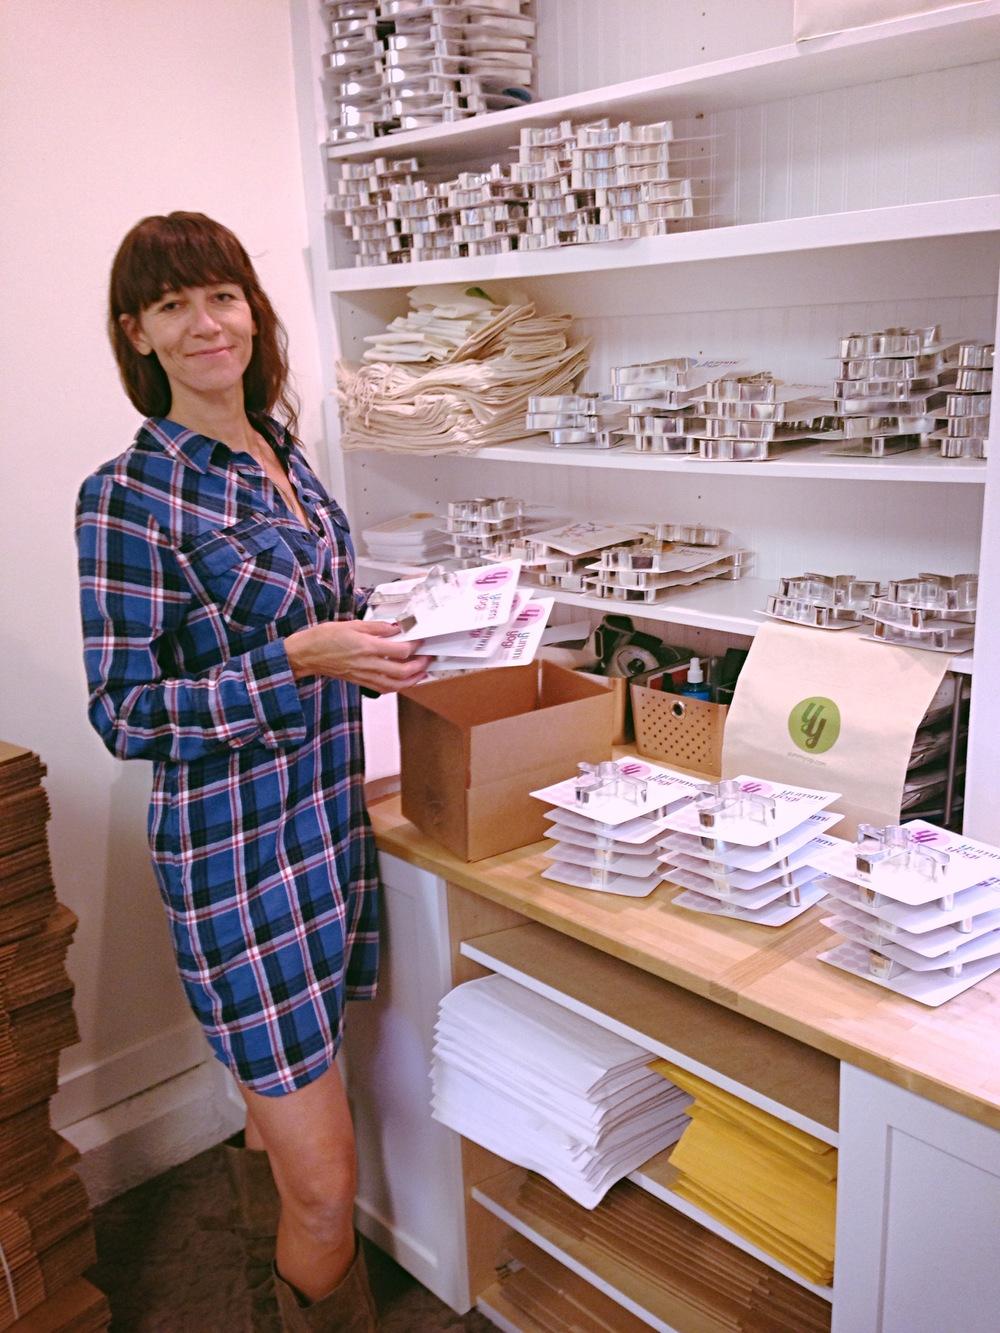 Yummi Yogi founder Amy Dube